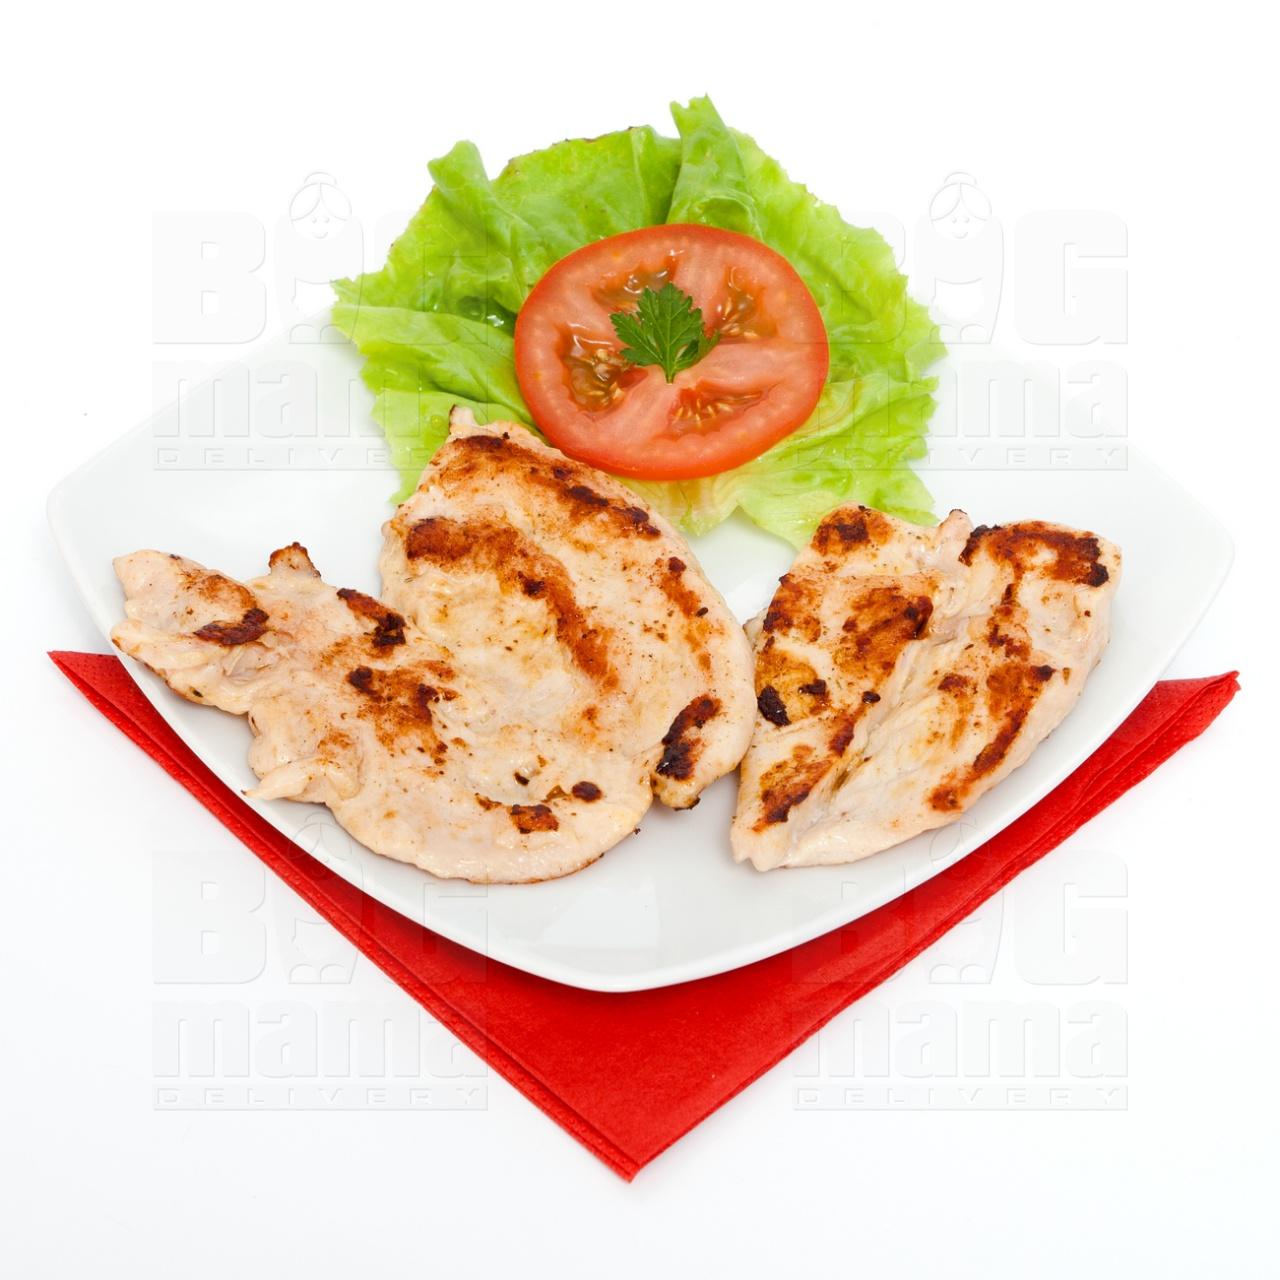 Product #193 image - Piept de pui la grătar, 1/2 porție